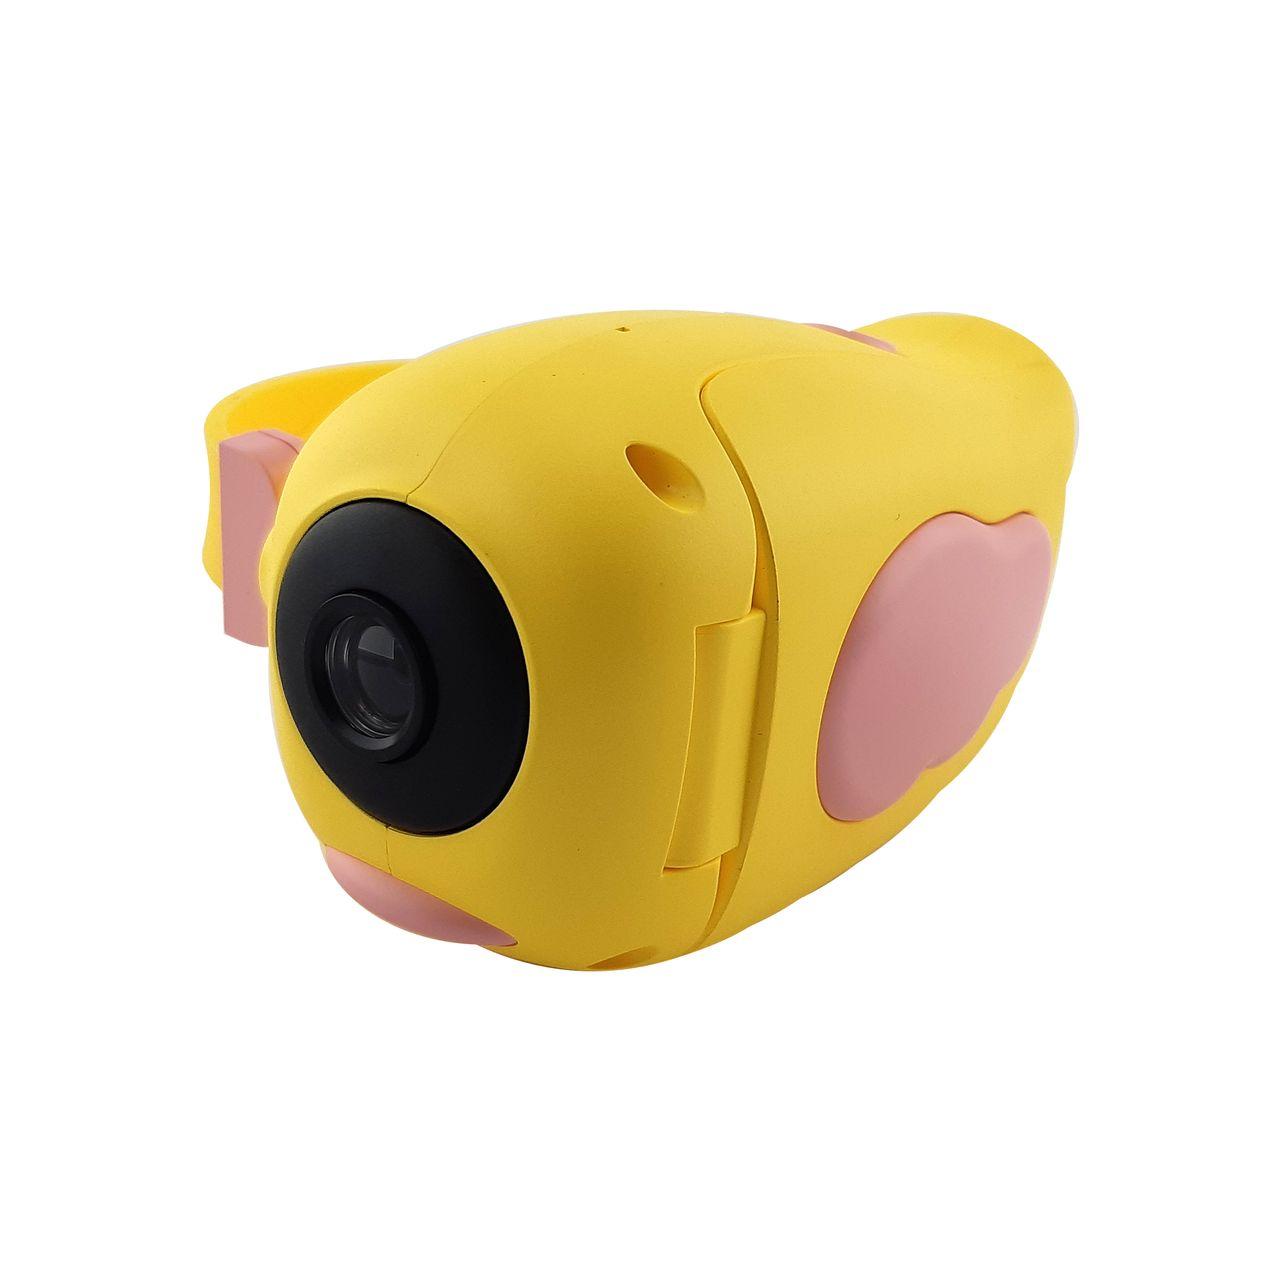 دوربین دیجیتال آکسون مدل AX6066